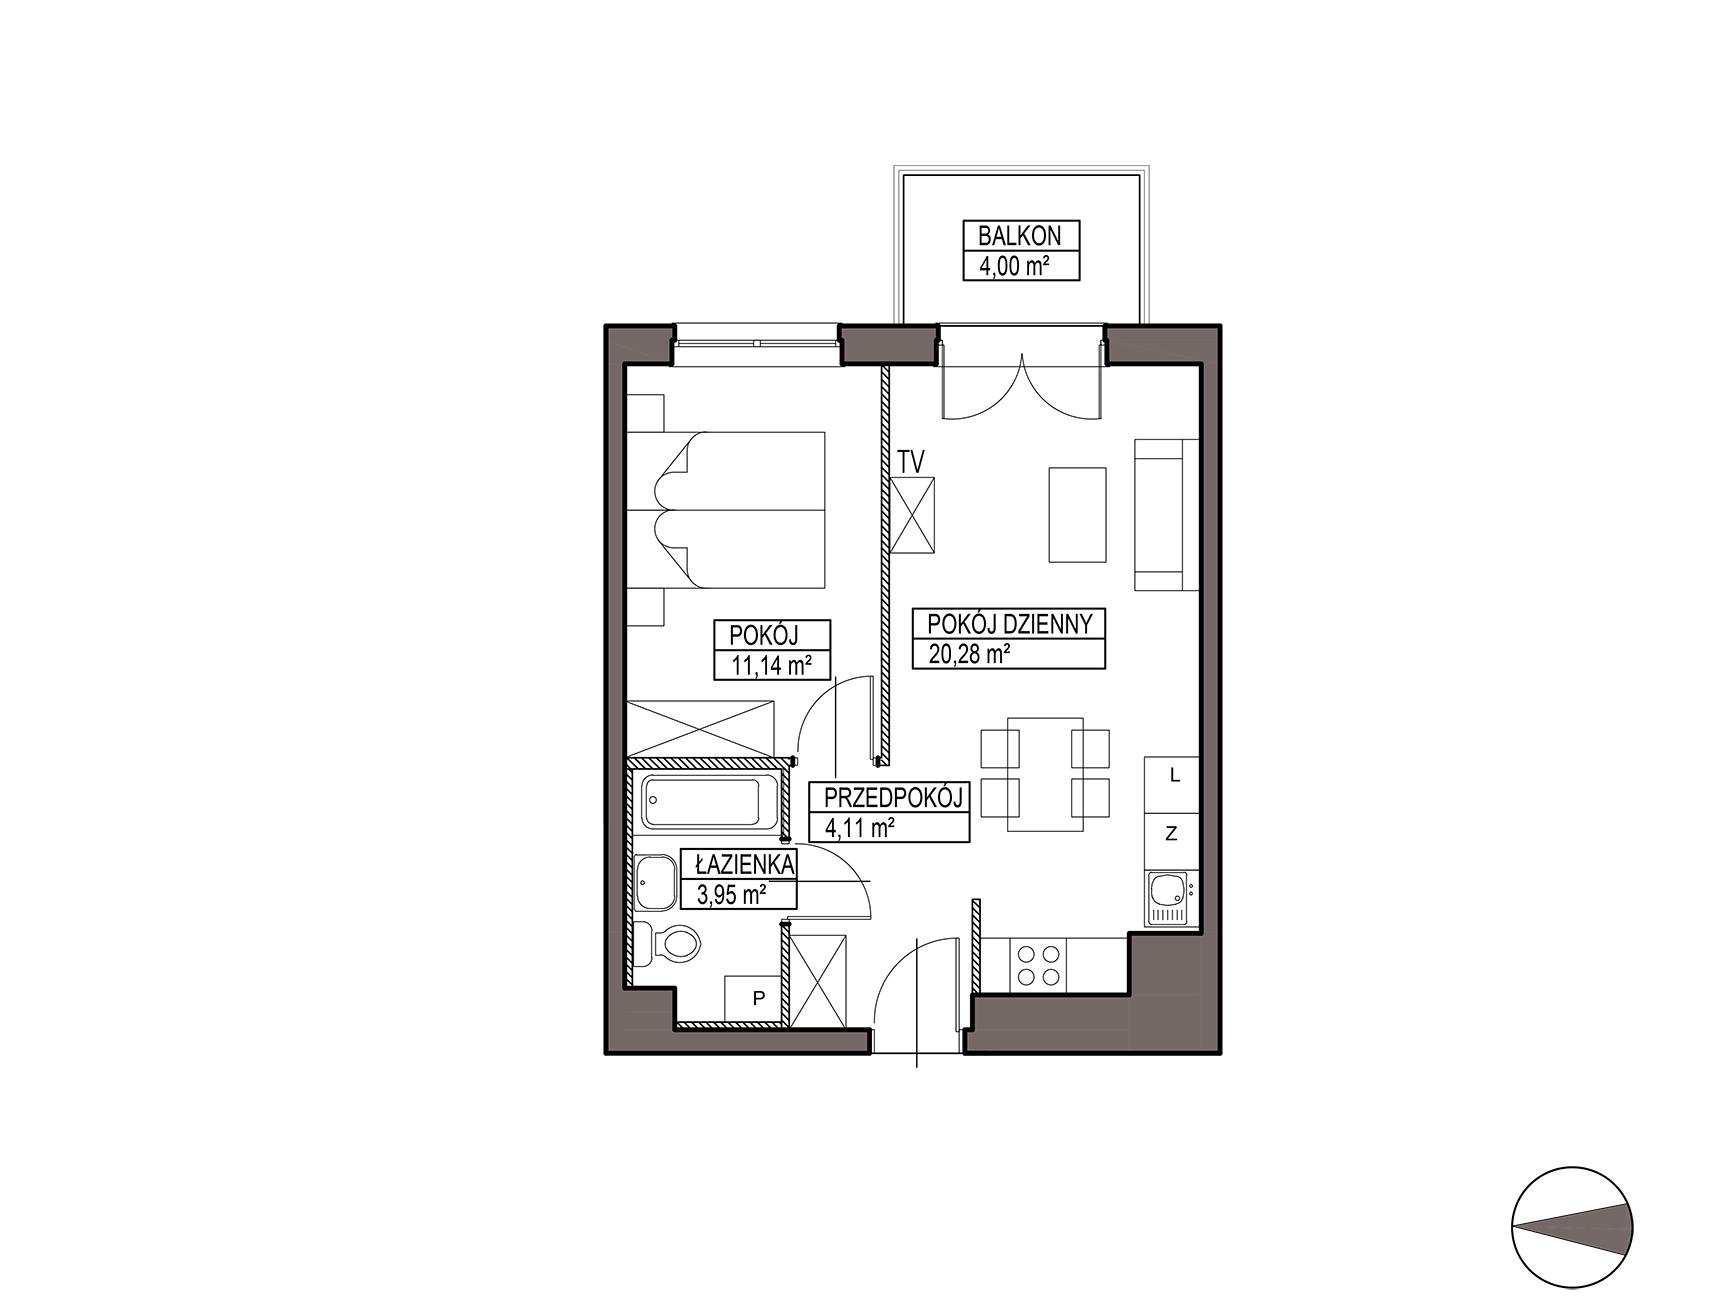 Uroczysko III / budynek 6 / mieszkanie H/3/32 rzut 1